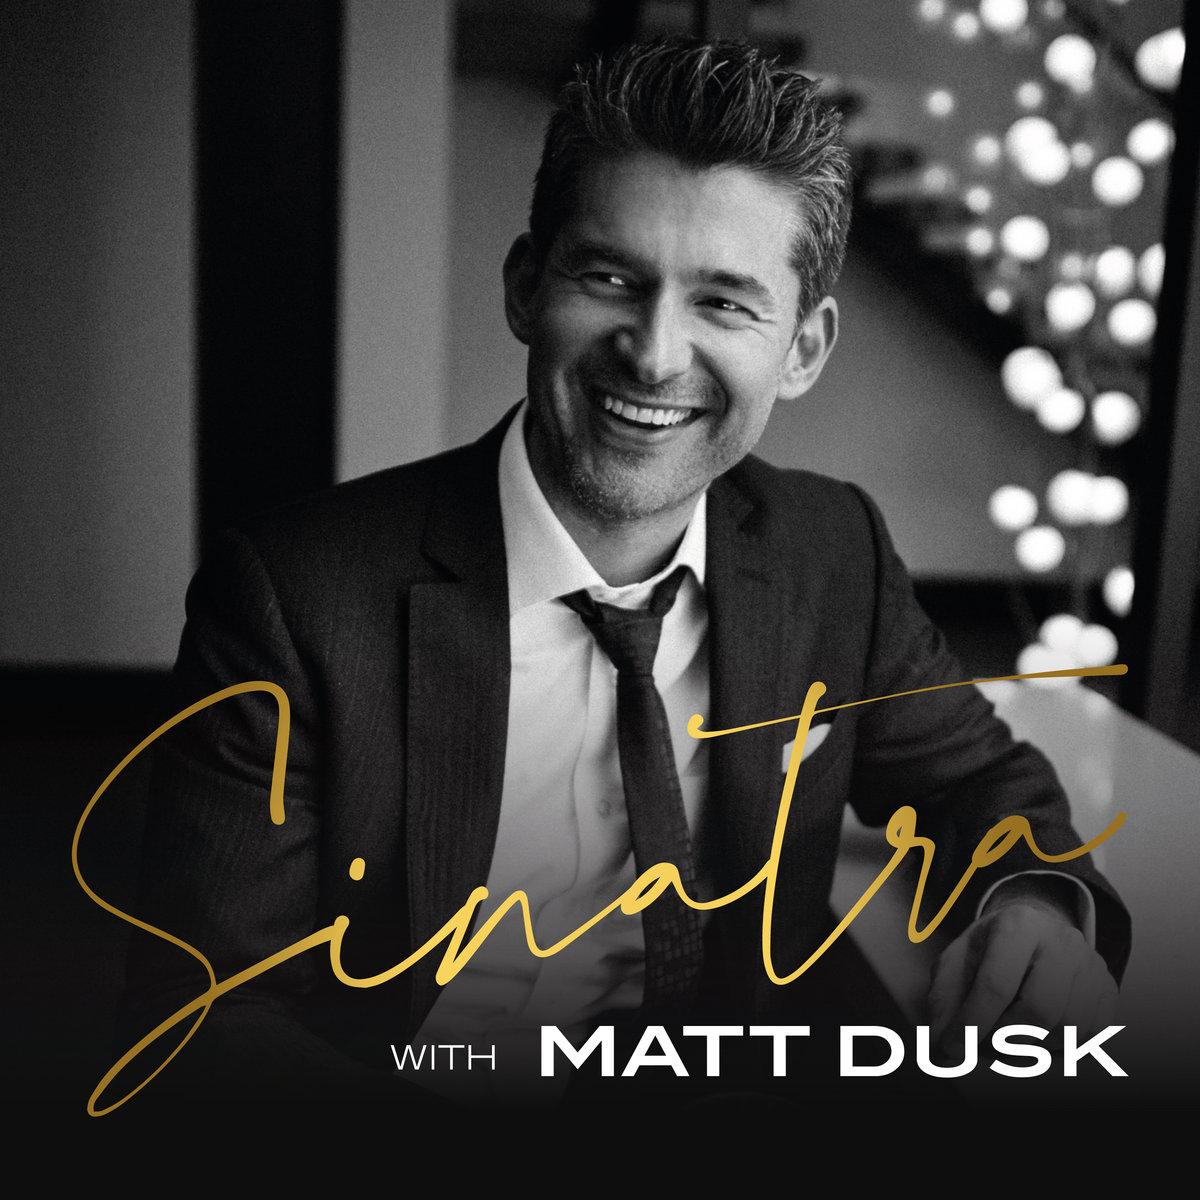 Dusk Matt – Sinatra